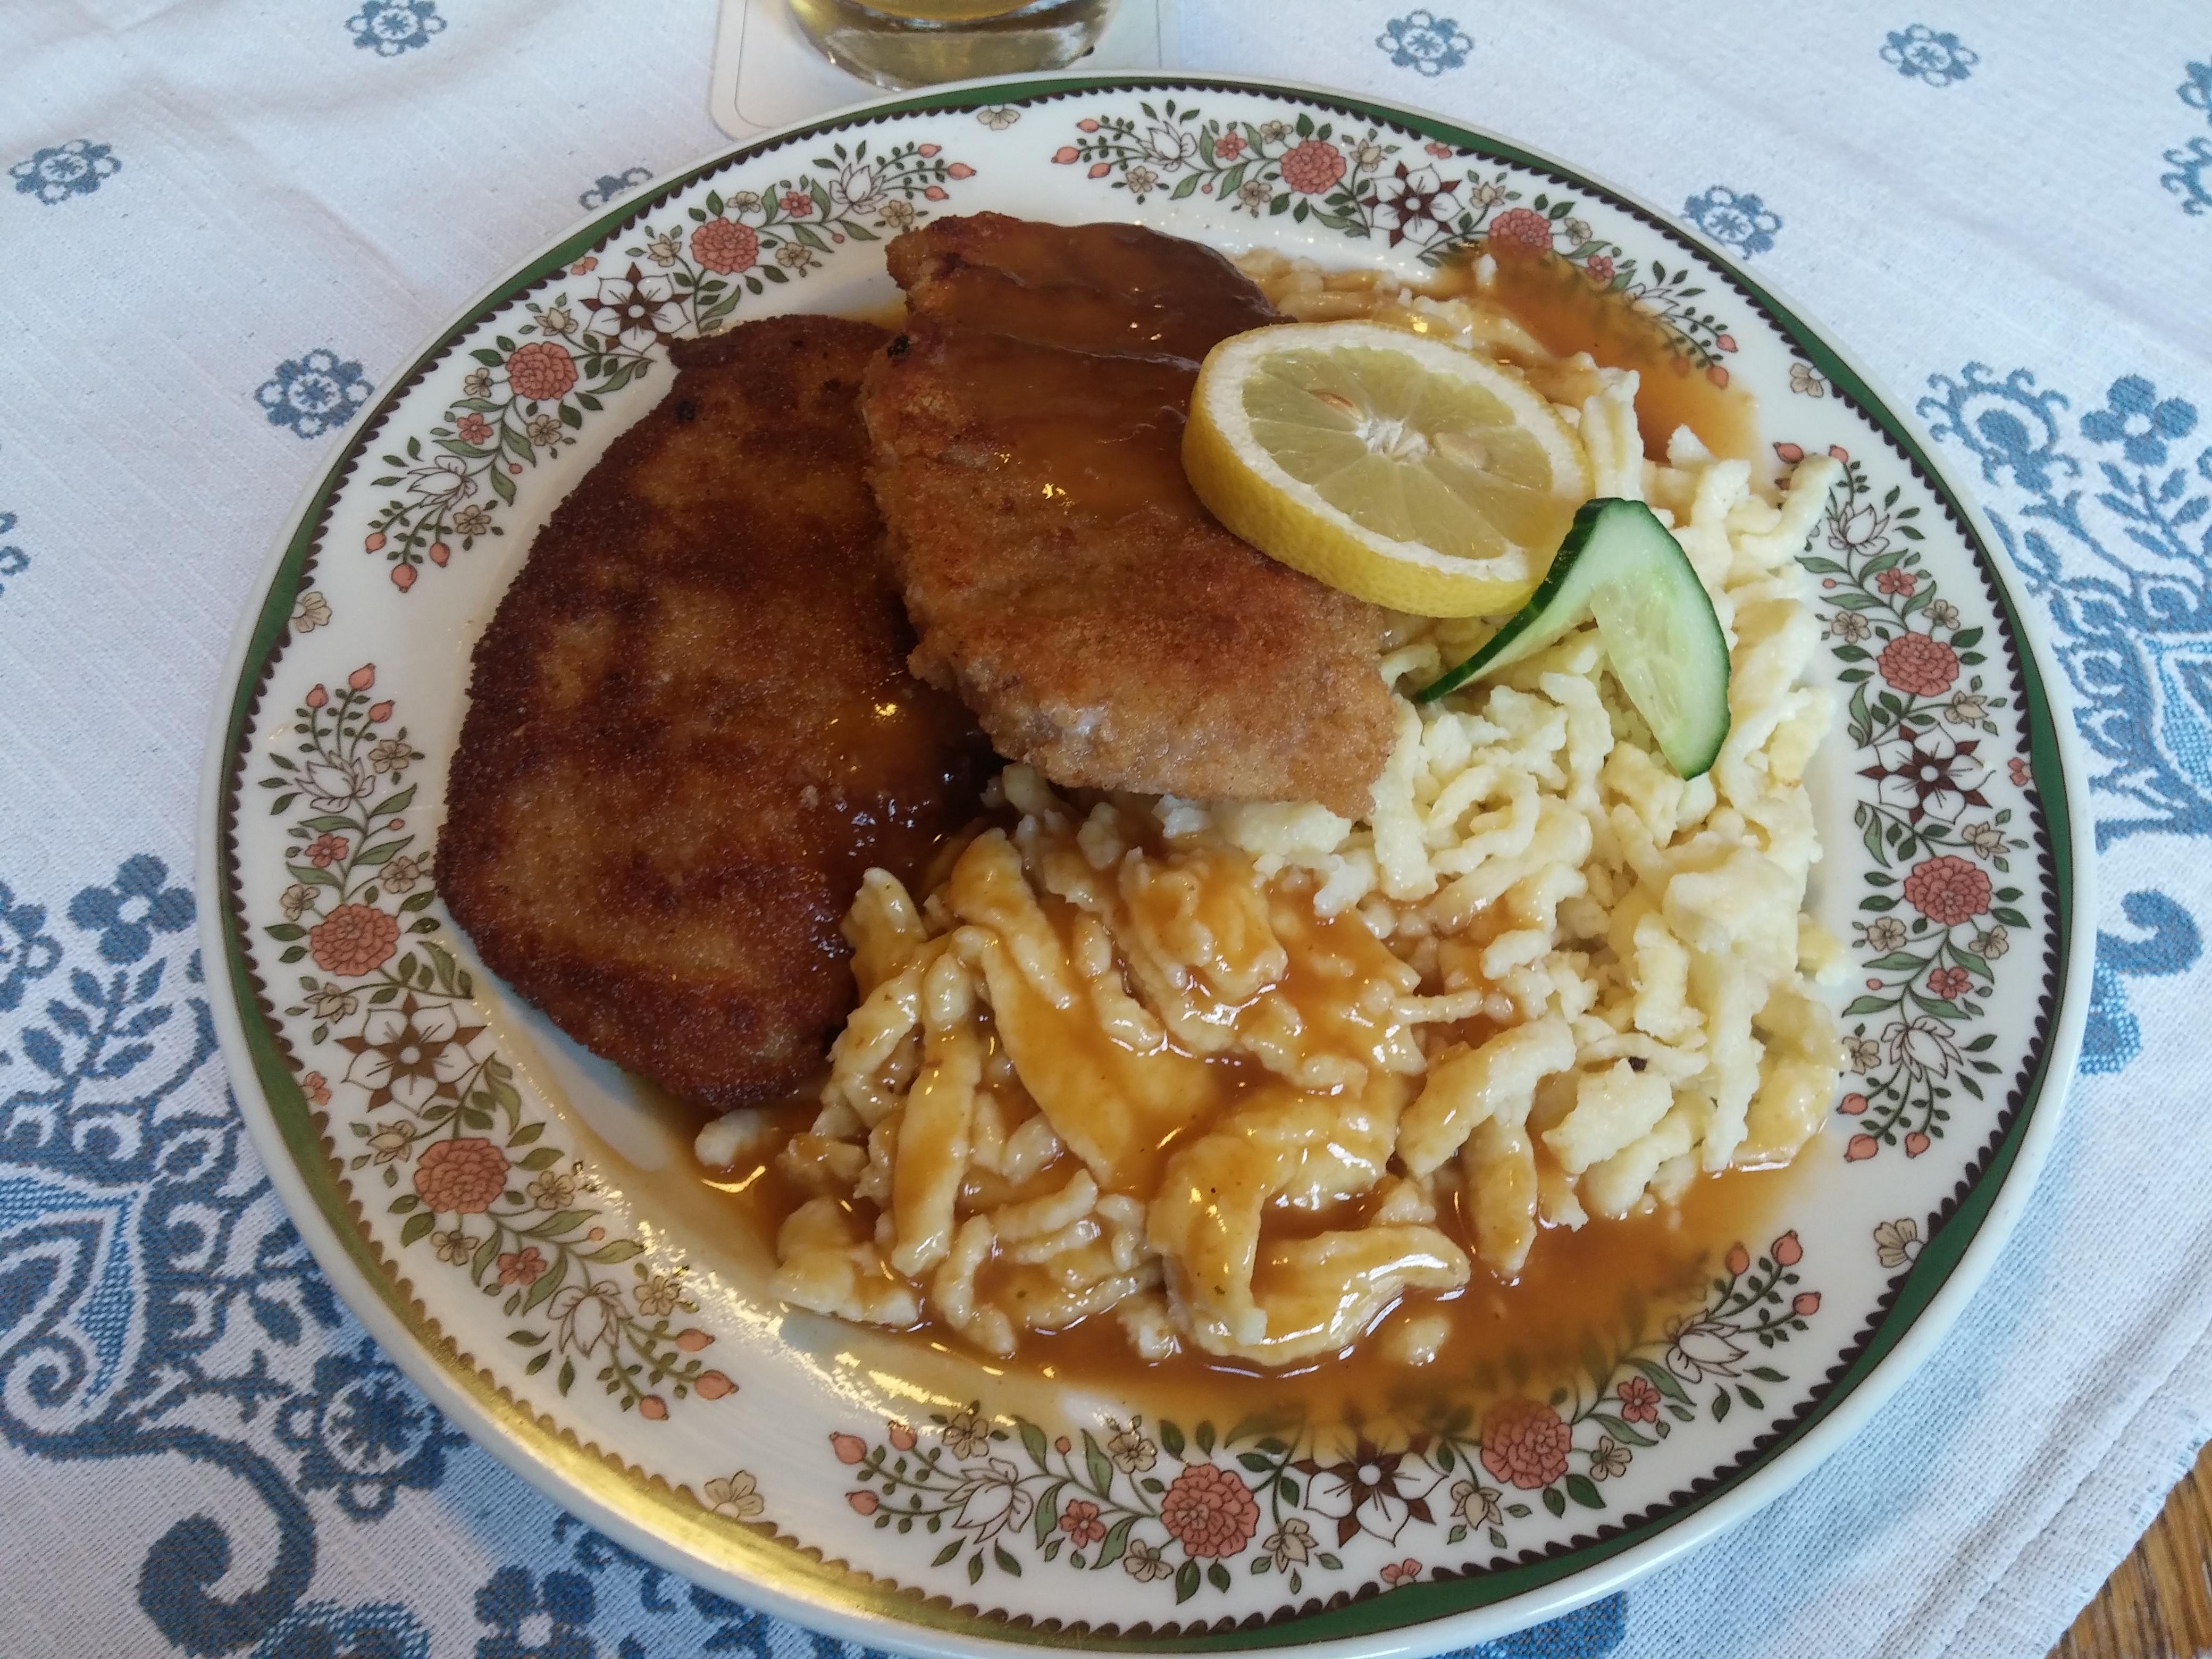 https://foodloader.net/nico_2015-06-28_panierte-schnitzel-mit-spaetzle-und-sauce.jpg